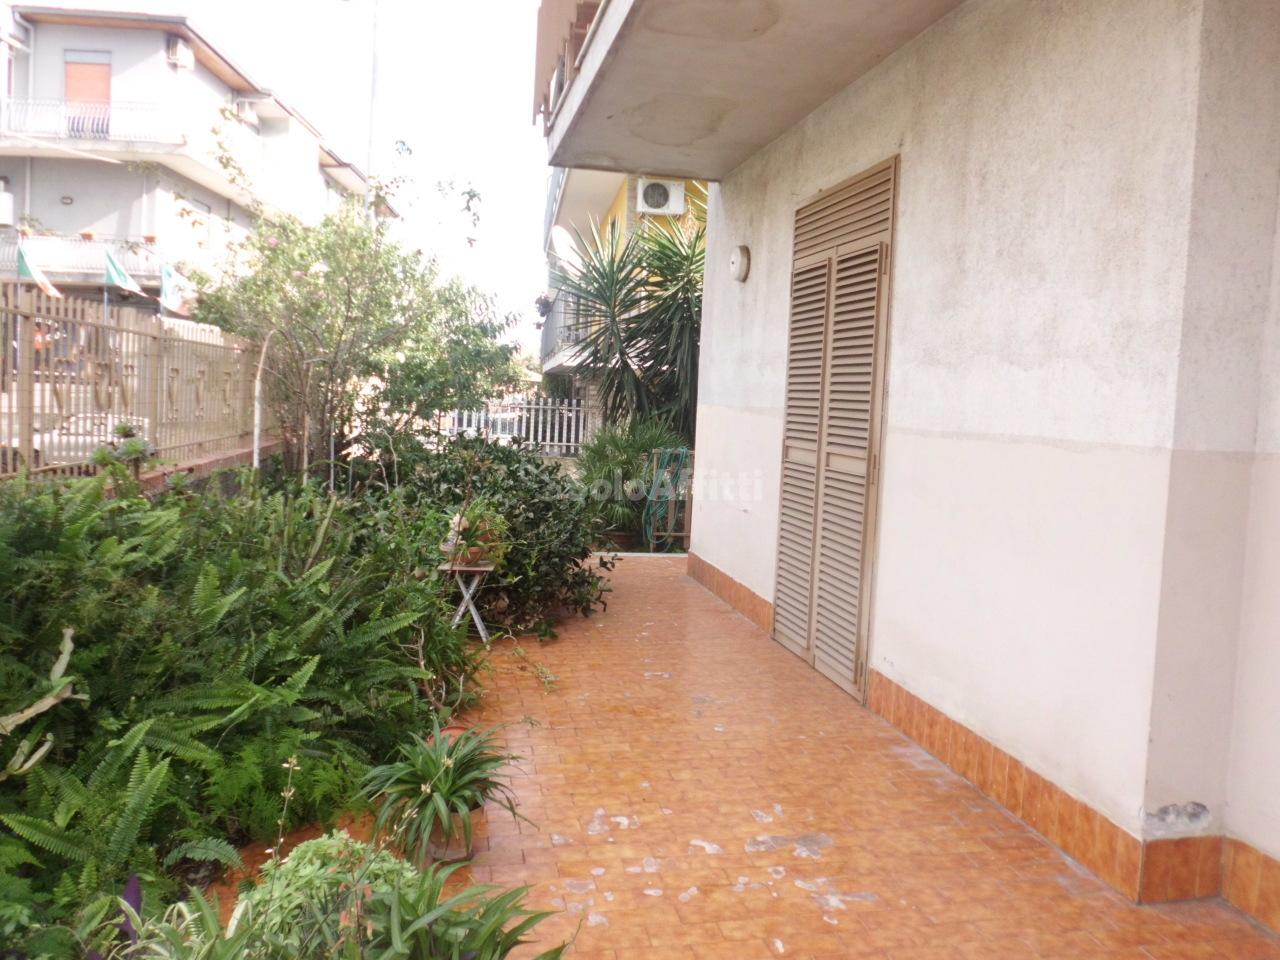 Appartamenti e Attici CATANIA affitto  San Giovanni Galermo  GRI.VIR. Immobiliare di Grimaldi Carmine